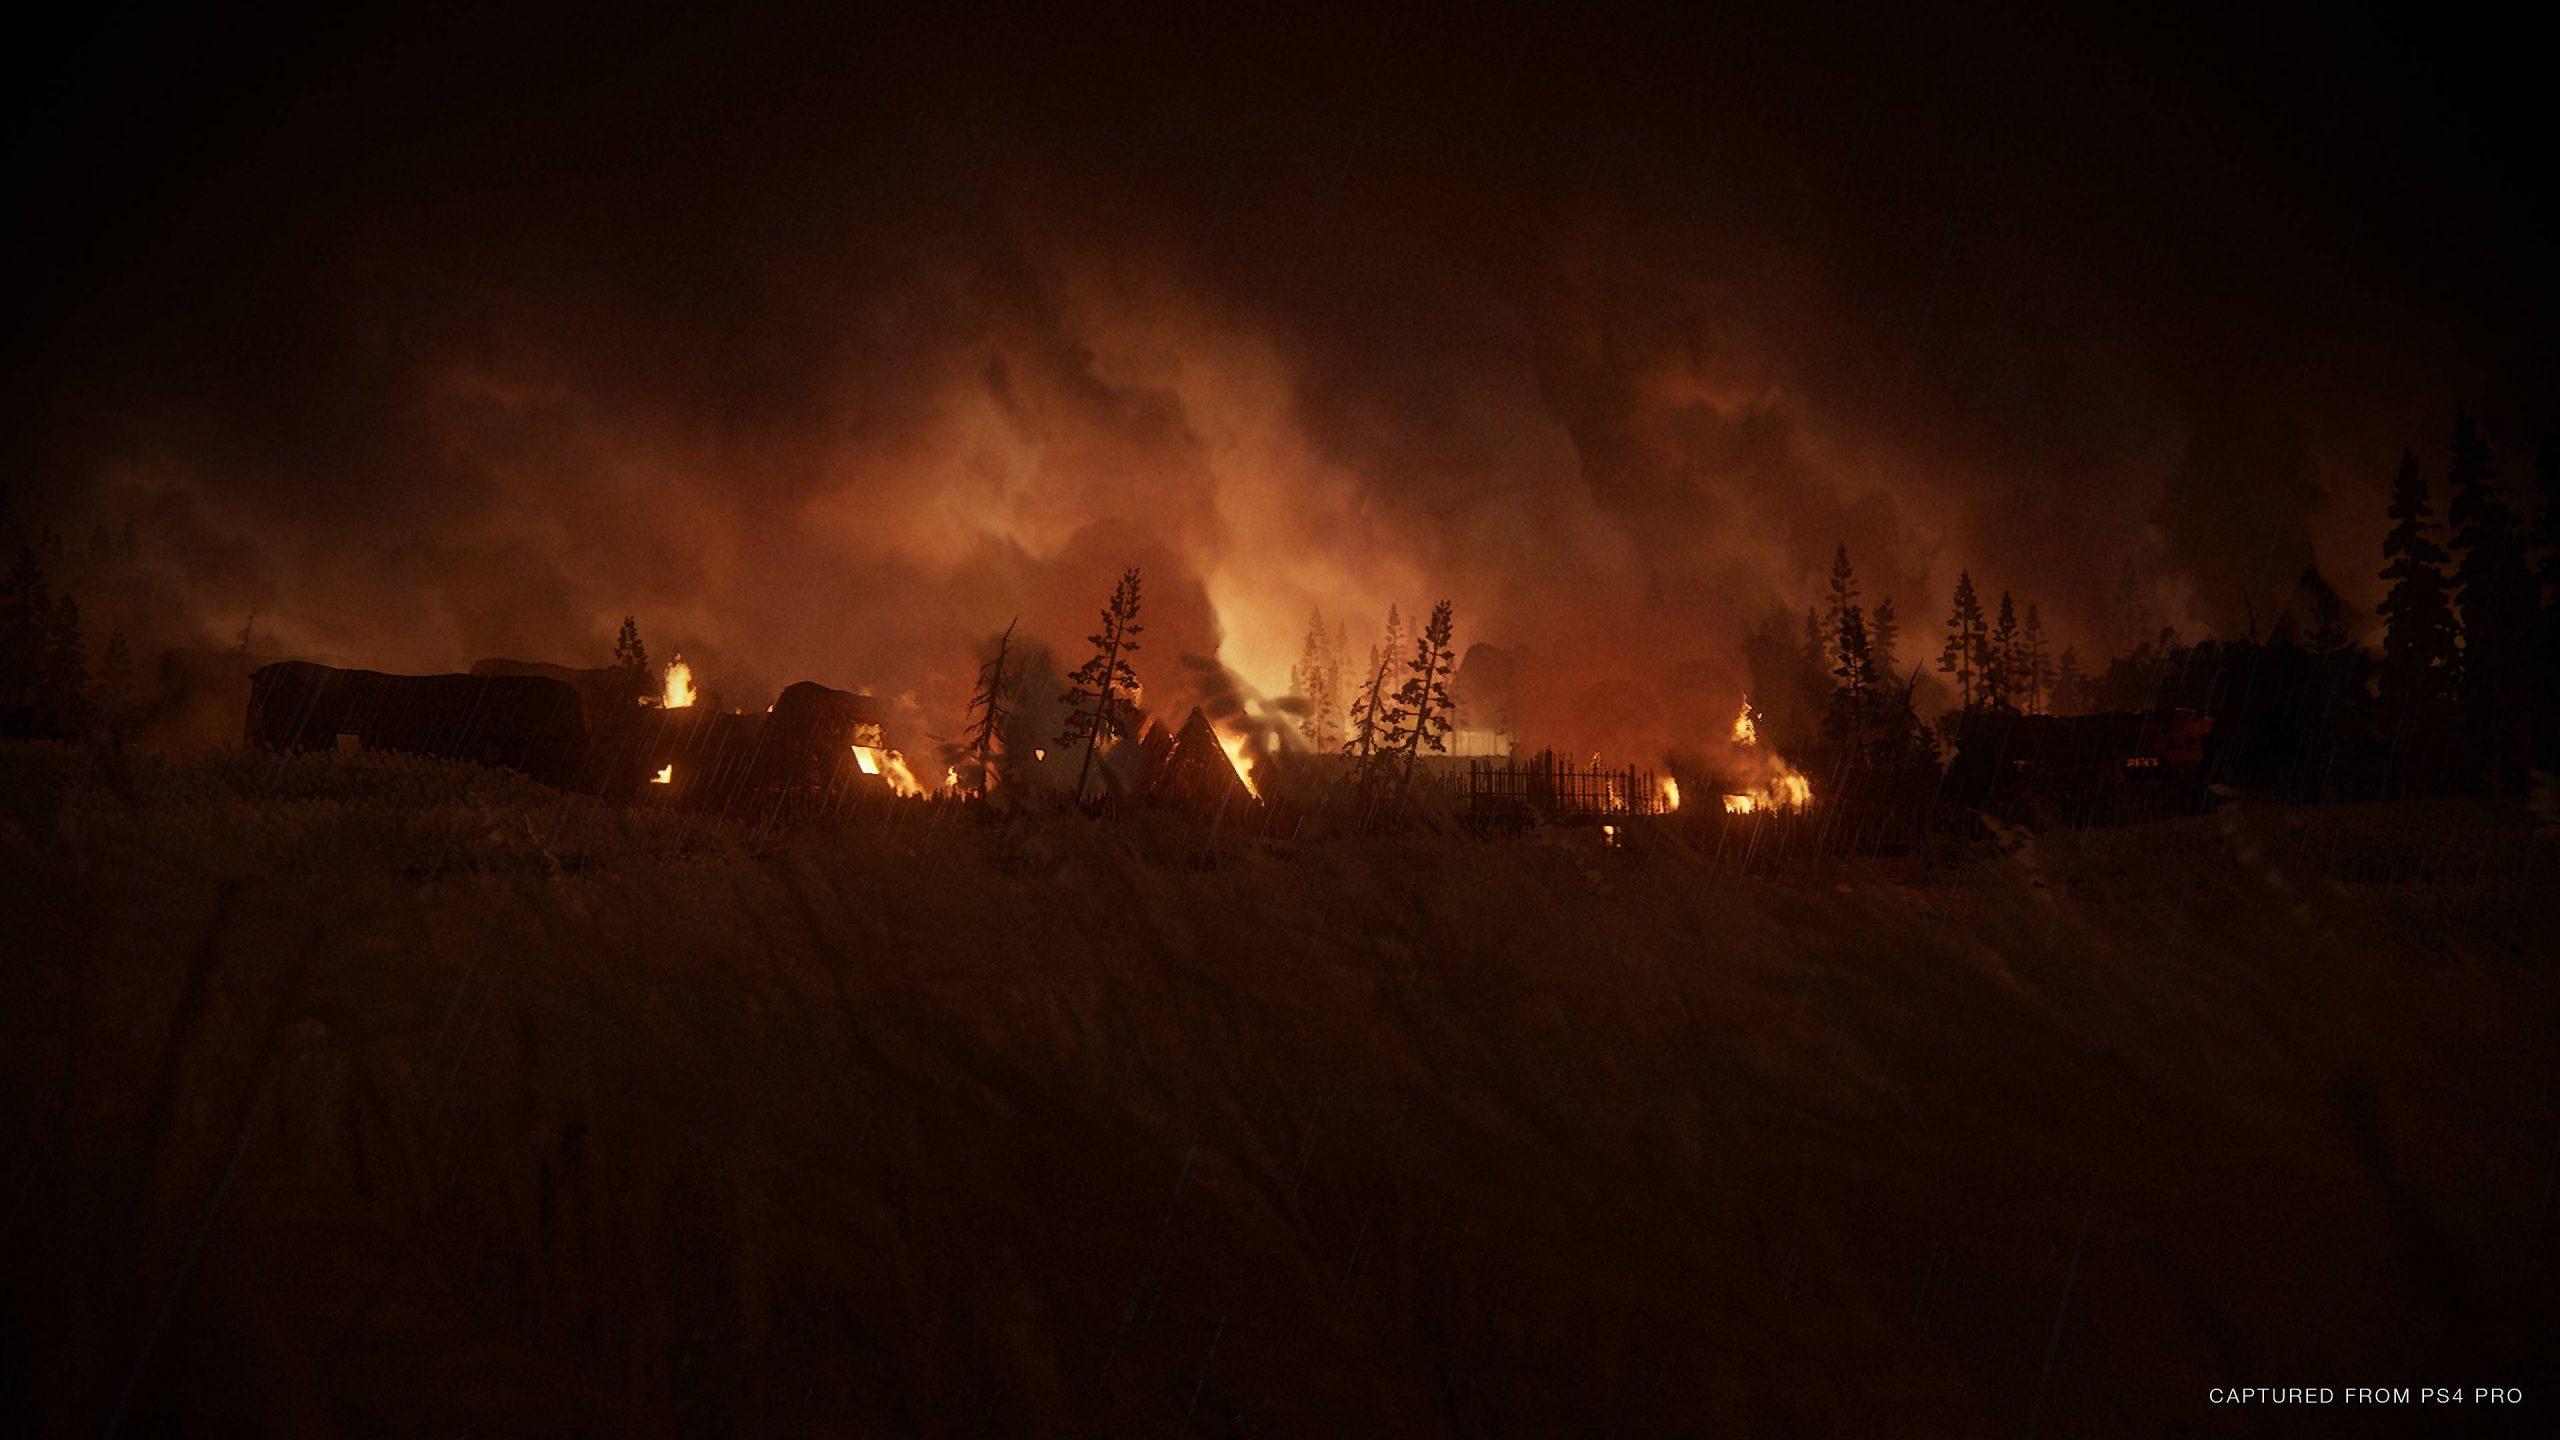 10 1 scaled - 【悲報】ラスアス2、コロナでアメリカが絶望的な状況のためまた延期